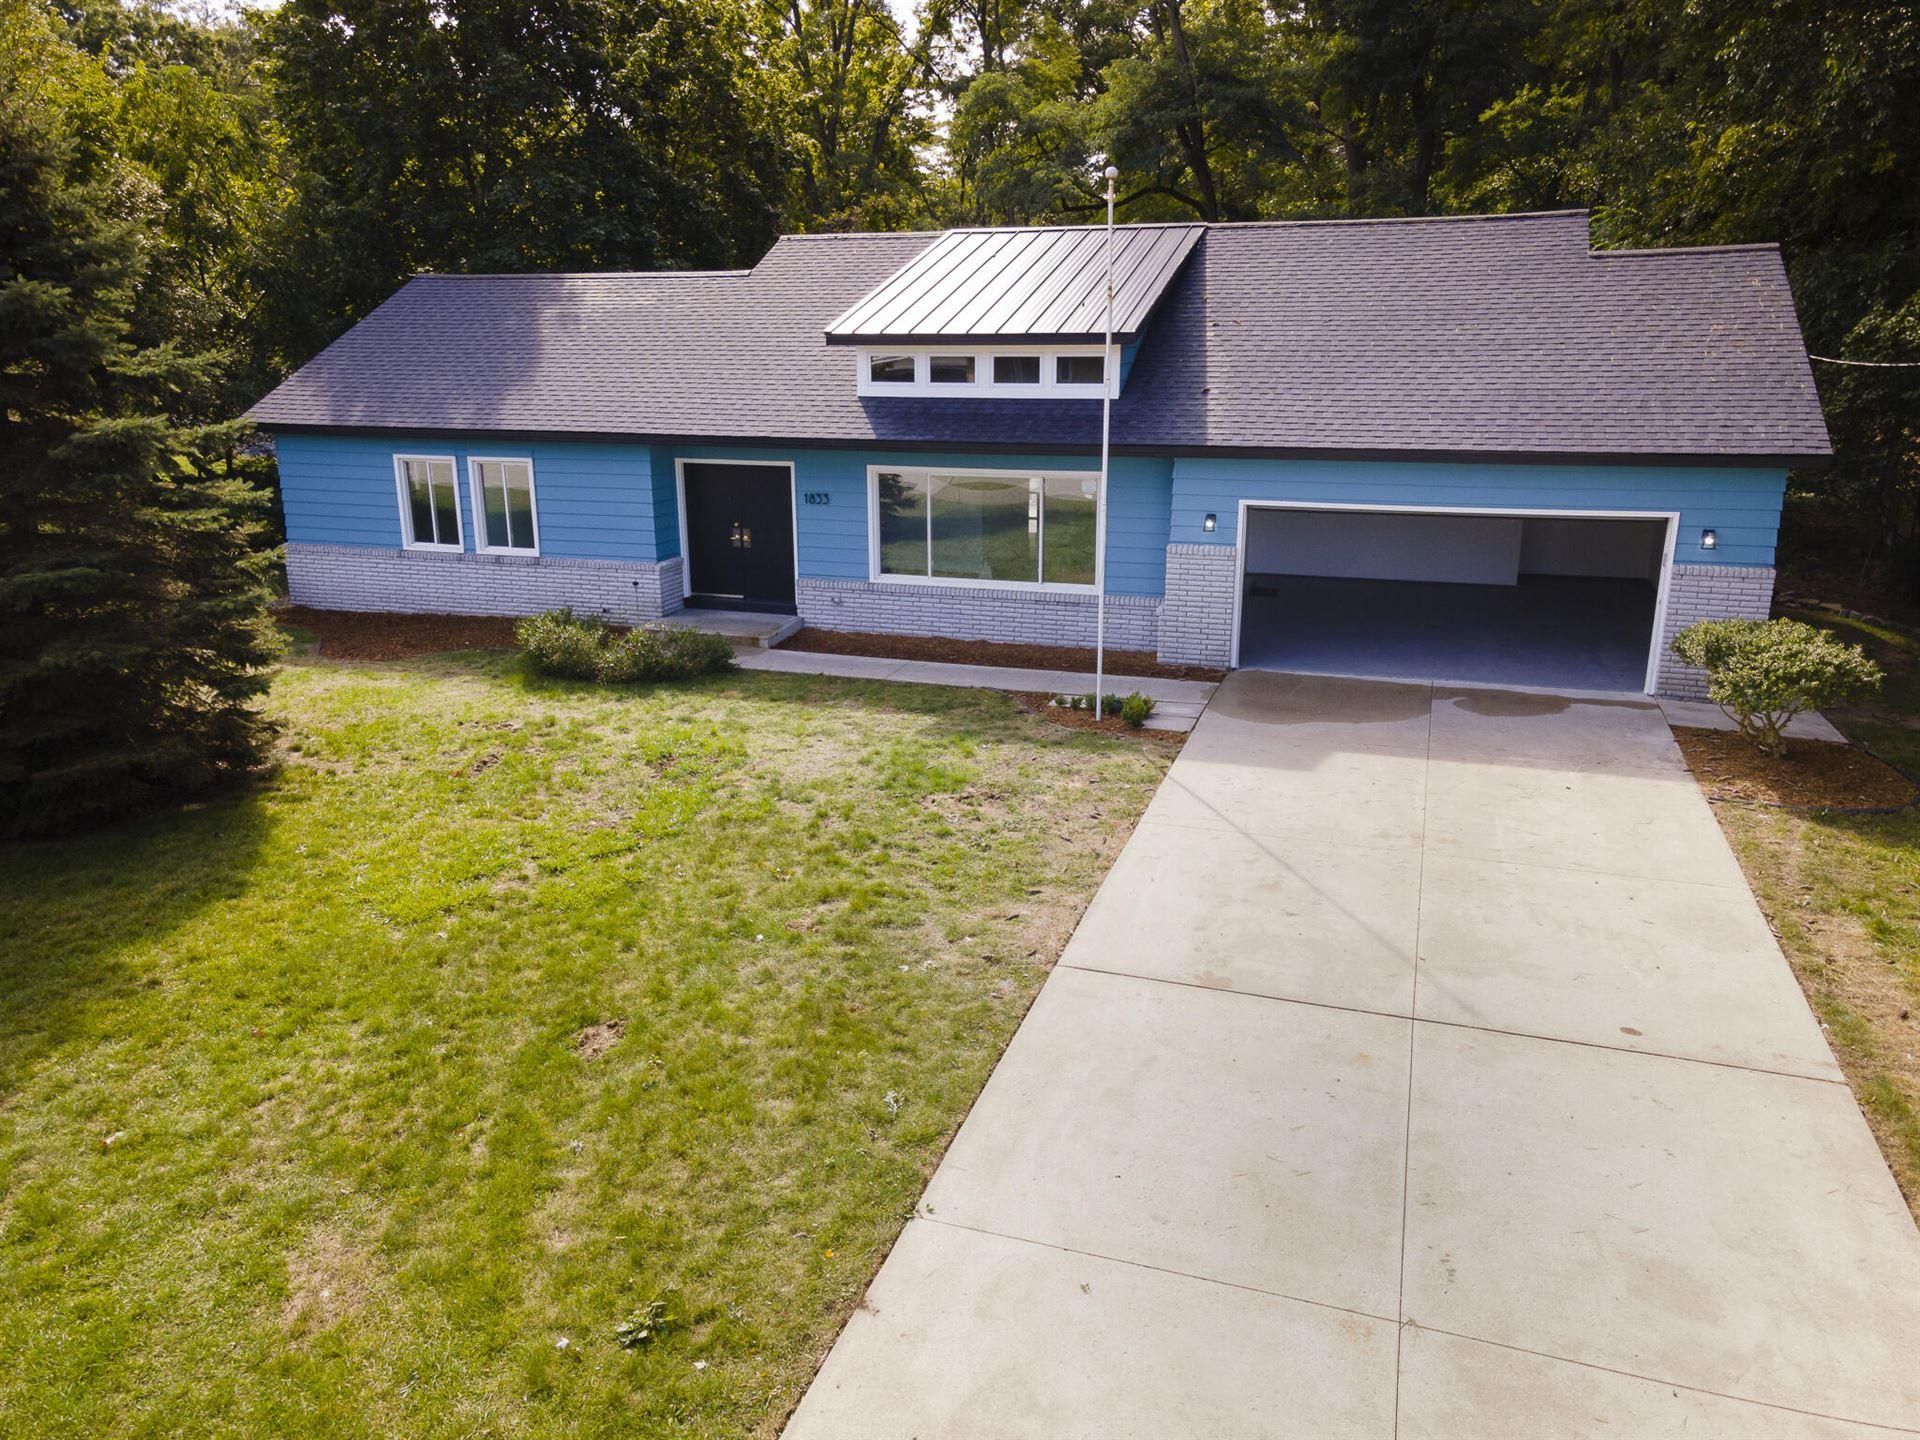 1833 Ritter Hills Drive, Norton Shores, MI 49441 - MLS#: 21108194